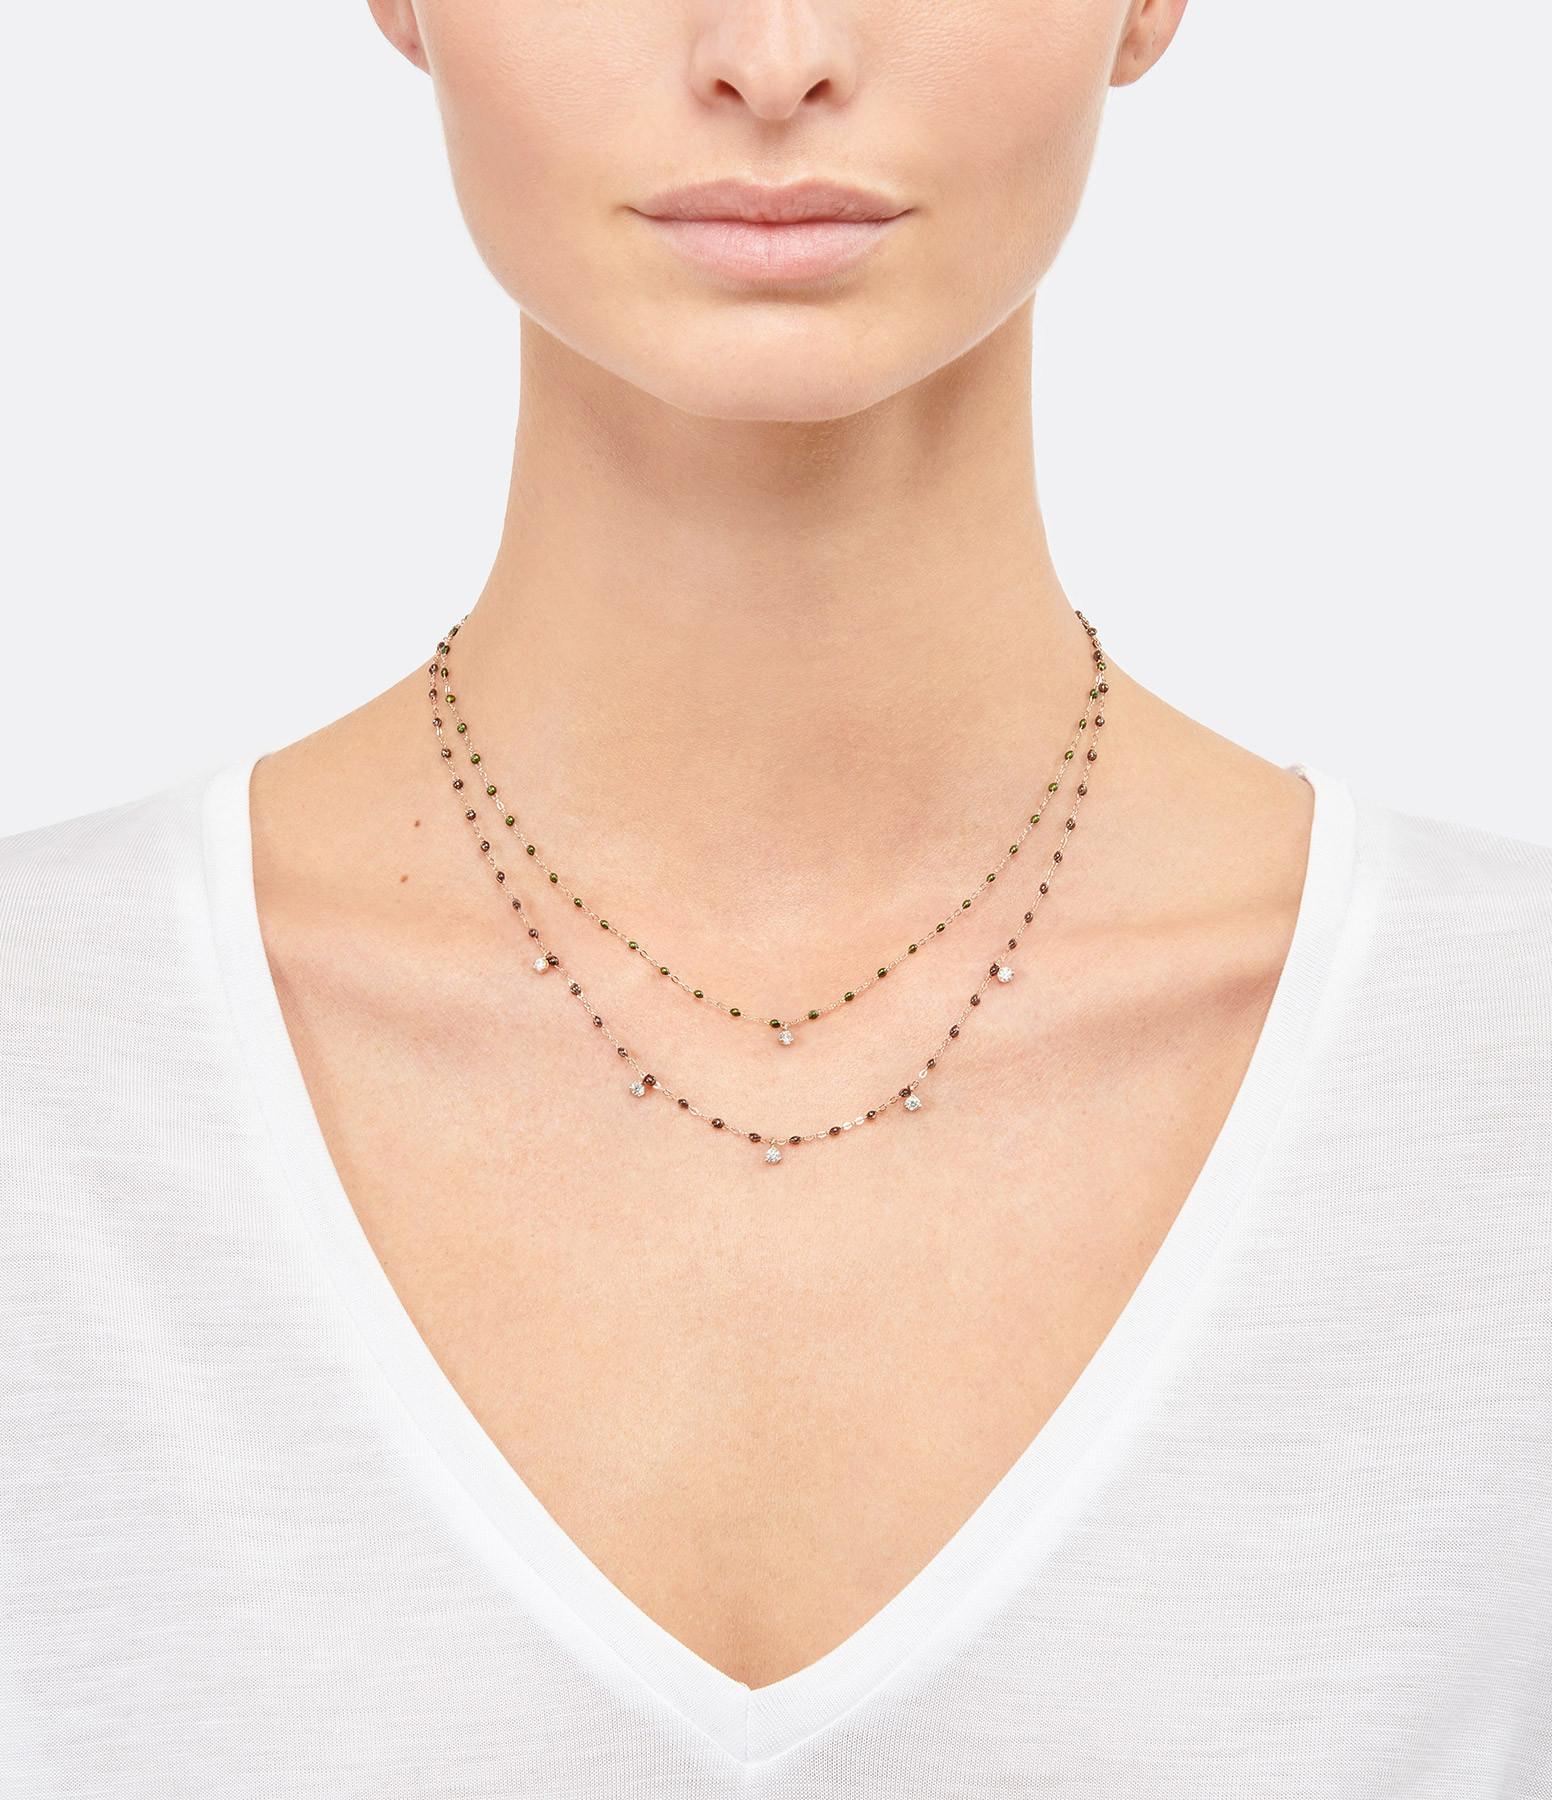 GIGI CLOZEAU - Collier résine Gigi Suprême 1 Diamant Or jaune